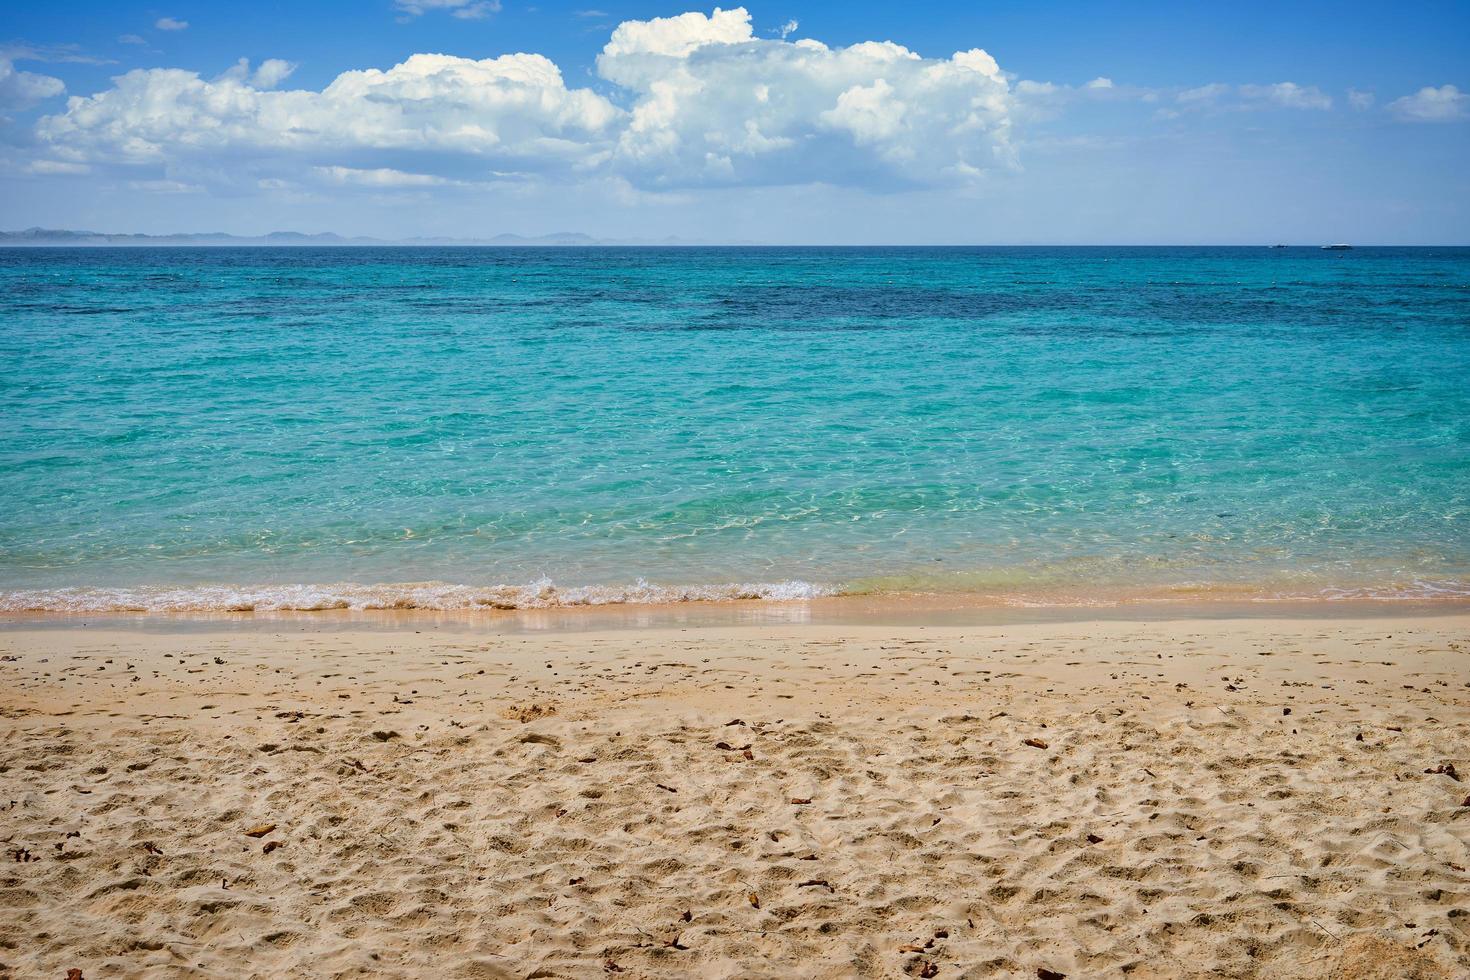 Strand und Wasser mit bewölktem blauem Himmel foto